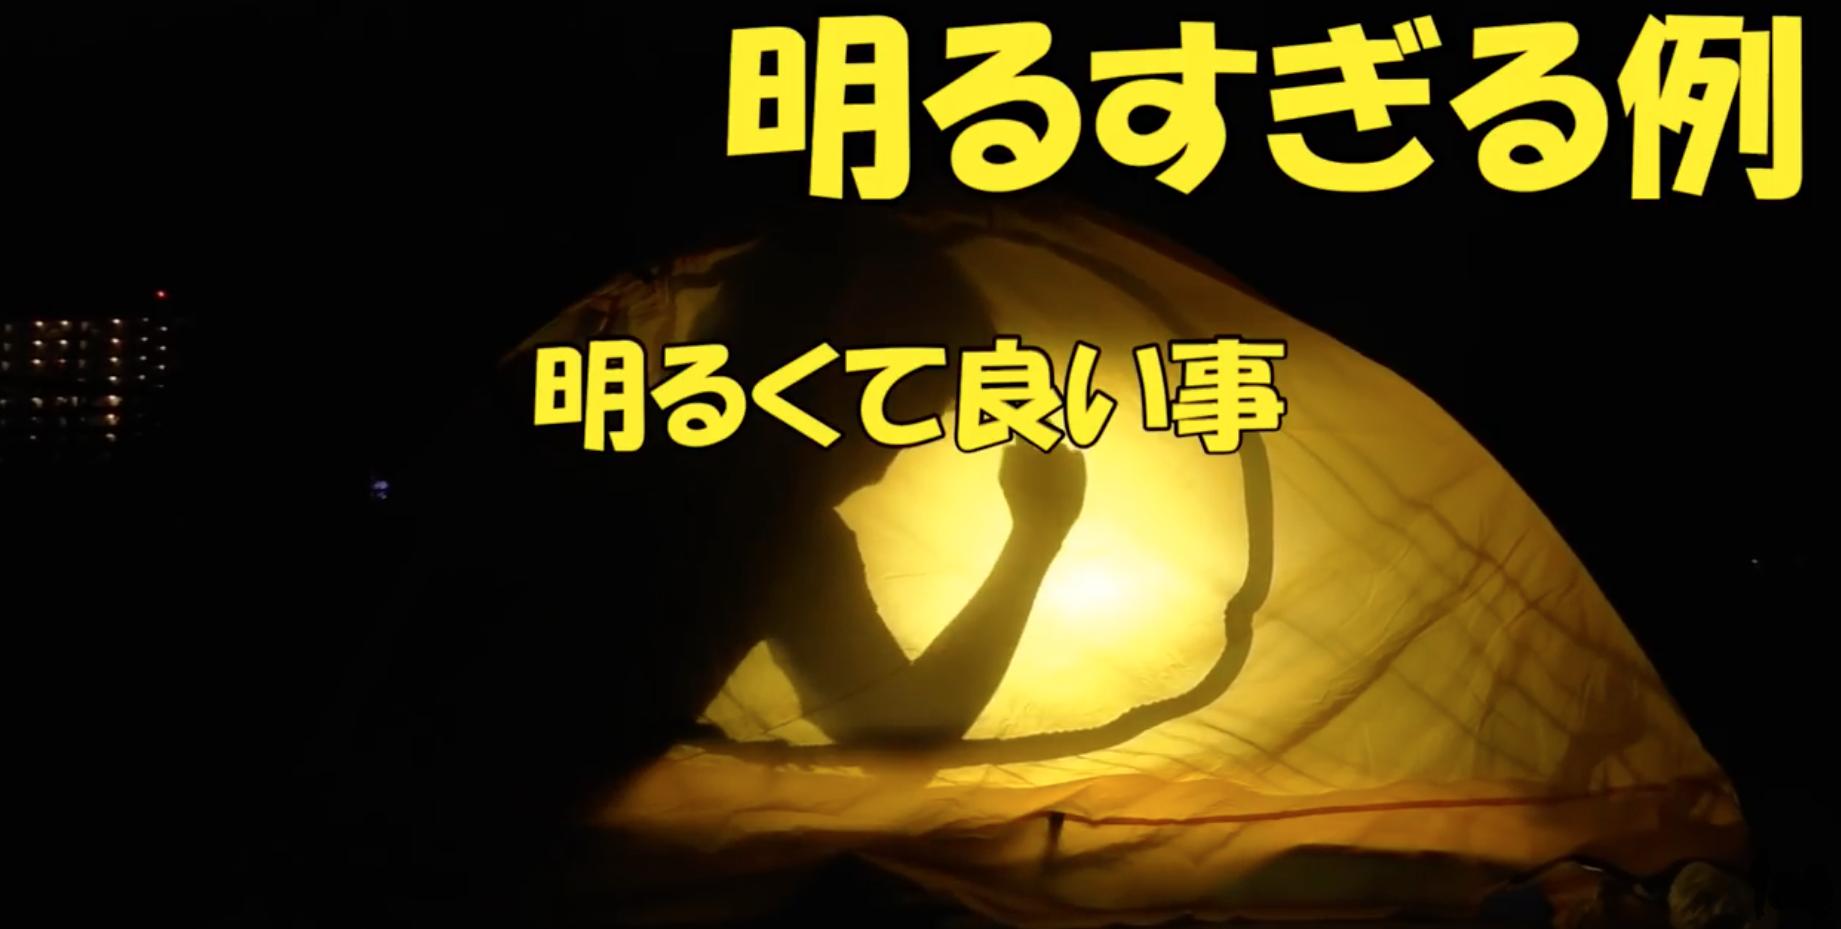 明るすぎるライトはテントの様子が丸見えに